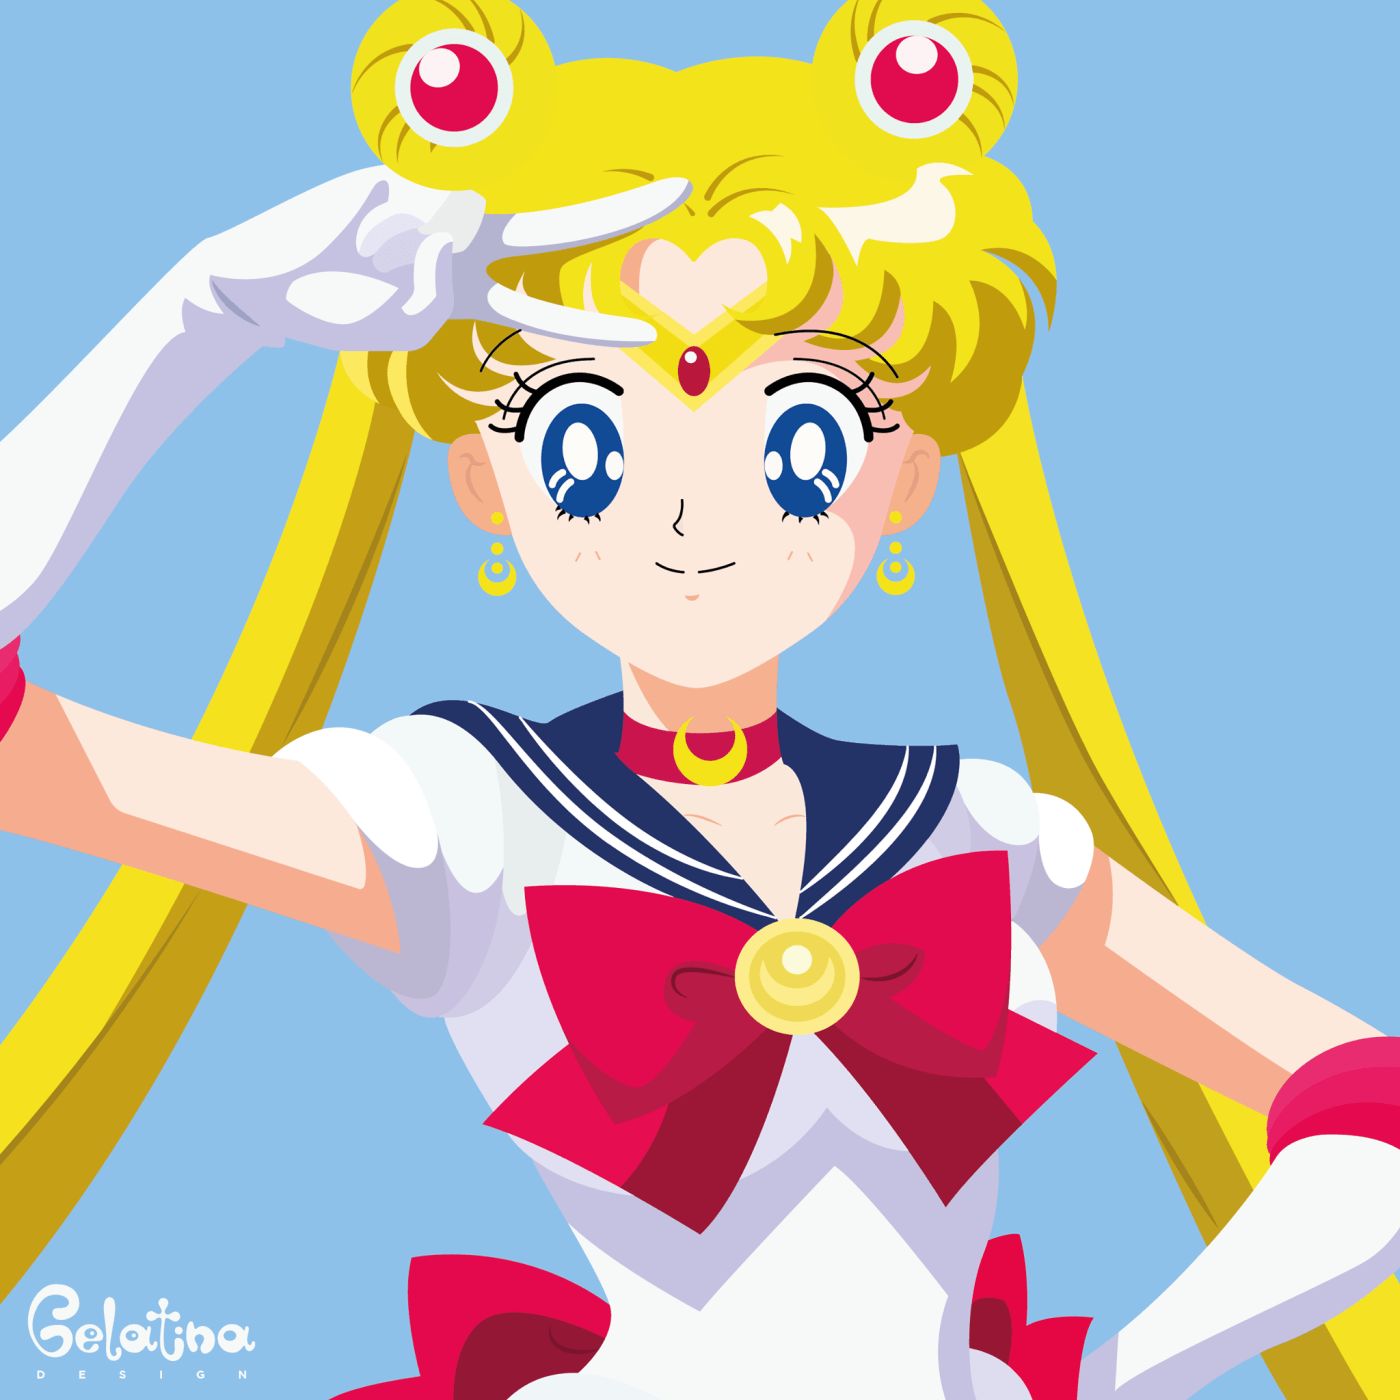 """Sailor Moon – grafica  21 febbraio 1995 – Prima TV in Italia dell'Anime """"Sailor Moon"""". La protagonista Usagi Tsukino si trasforma in Sailor Moon, la guerriera dell'Amore e della Giustizia protetta dalla Luna. Every Day – GELATINA DESIGN"""